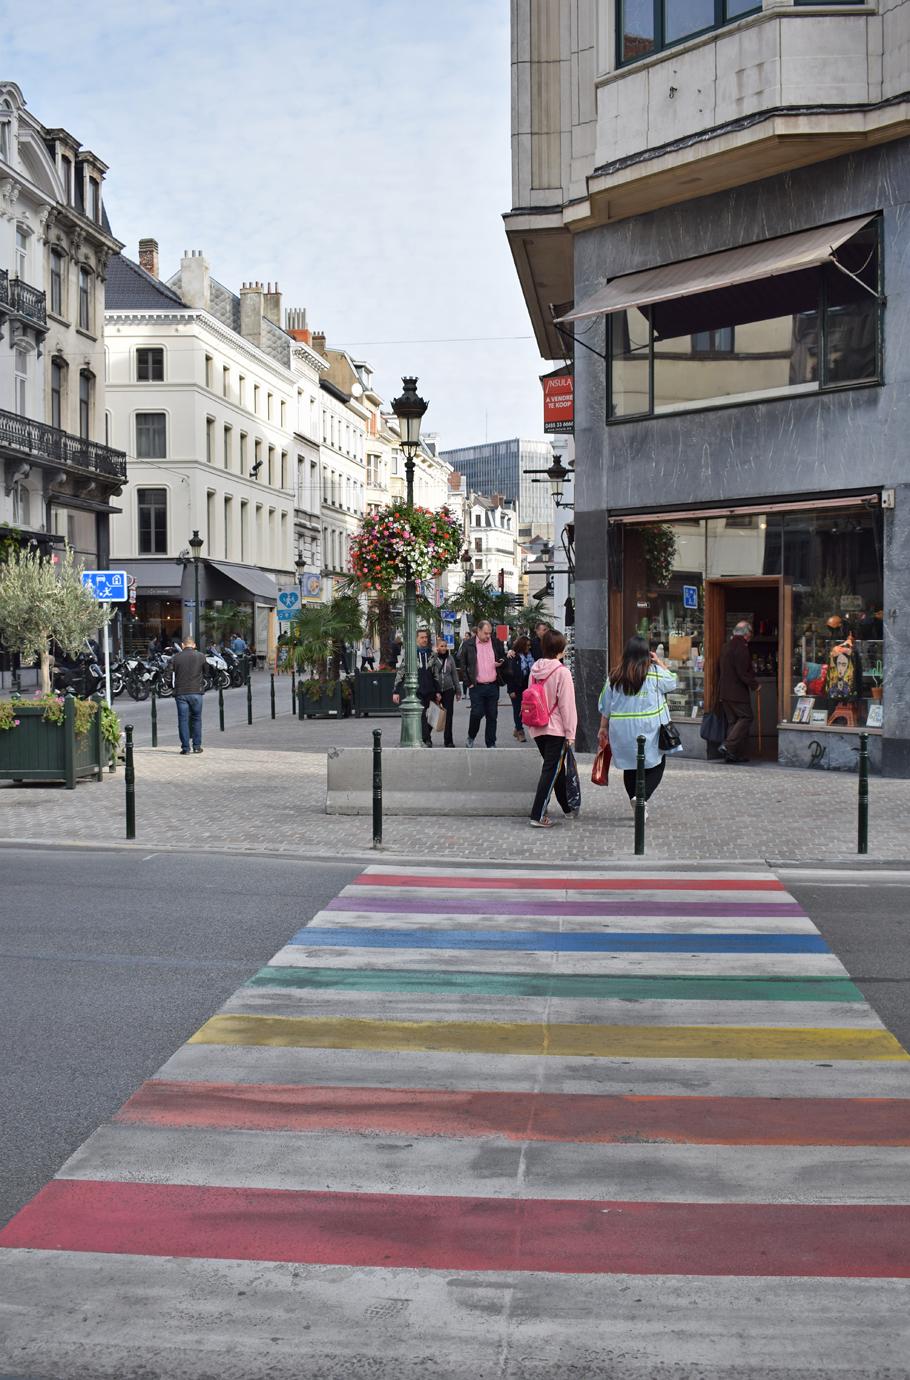 Rainbow street crossing Brussels